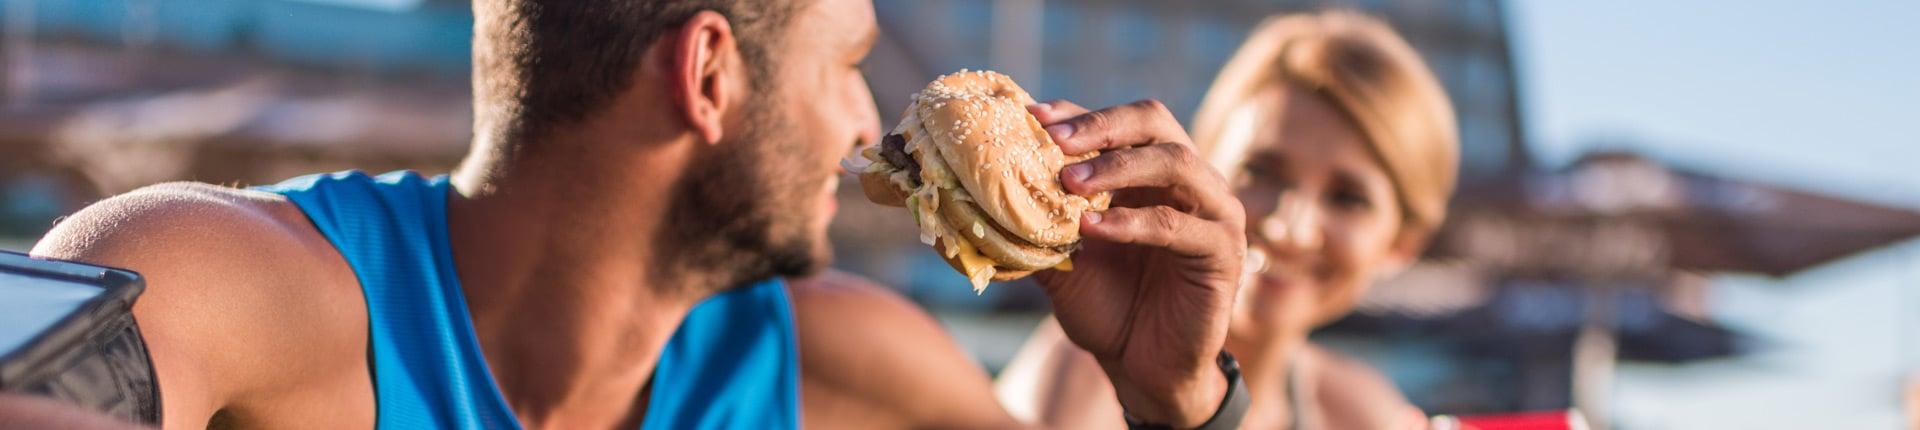 Dieta a McDonald's?